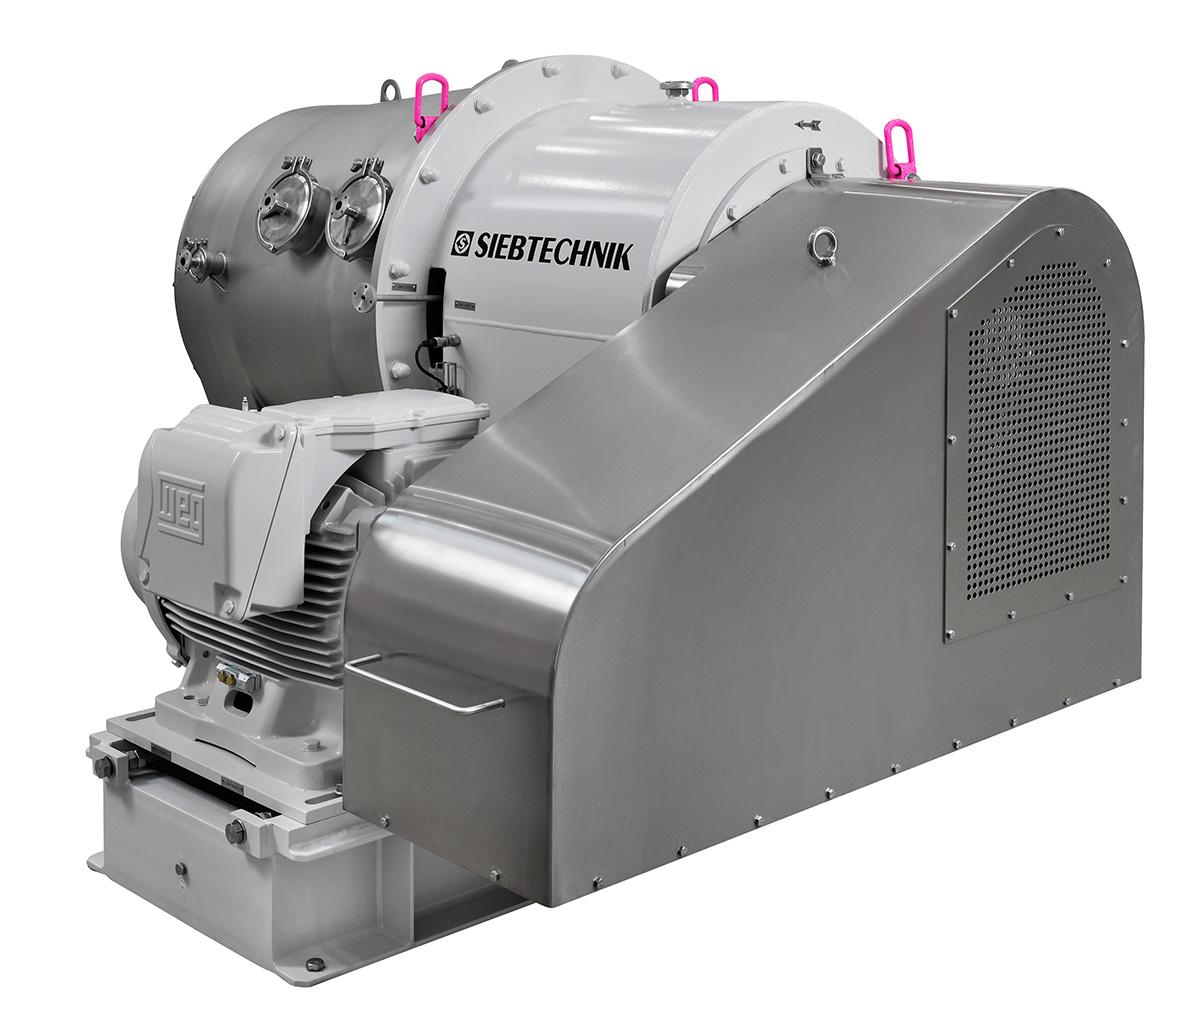 Dekantierzentrifuge SHORTBOWL SBD 600 Ansicht von Hinten in der Ausführung für Lactose mit Getriebegehäuse und Motor